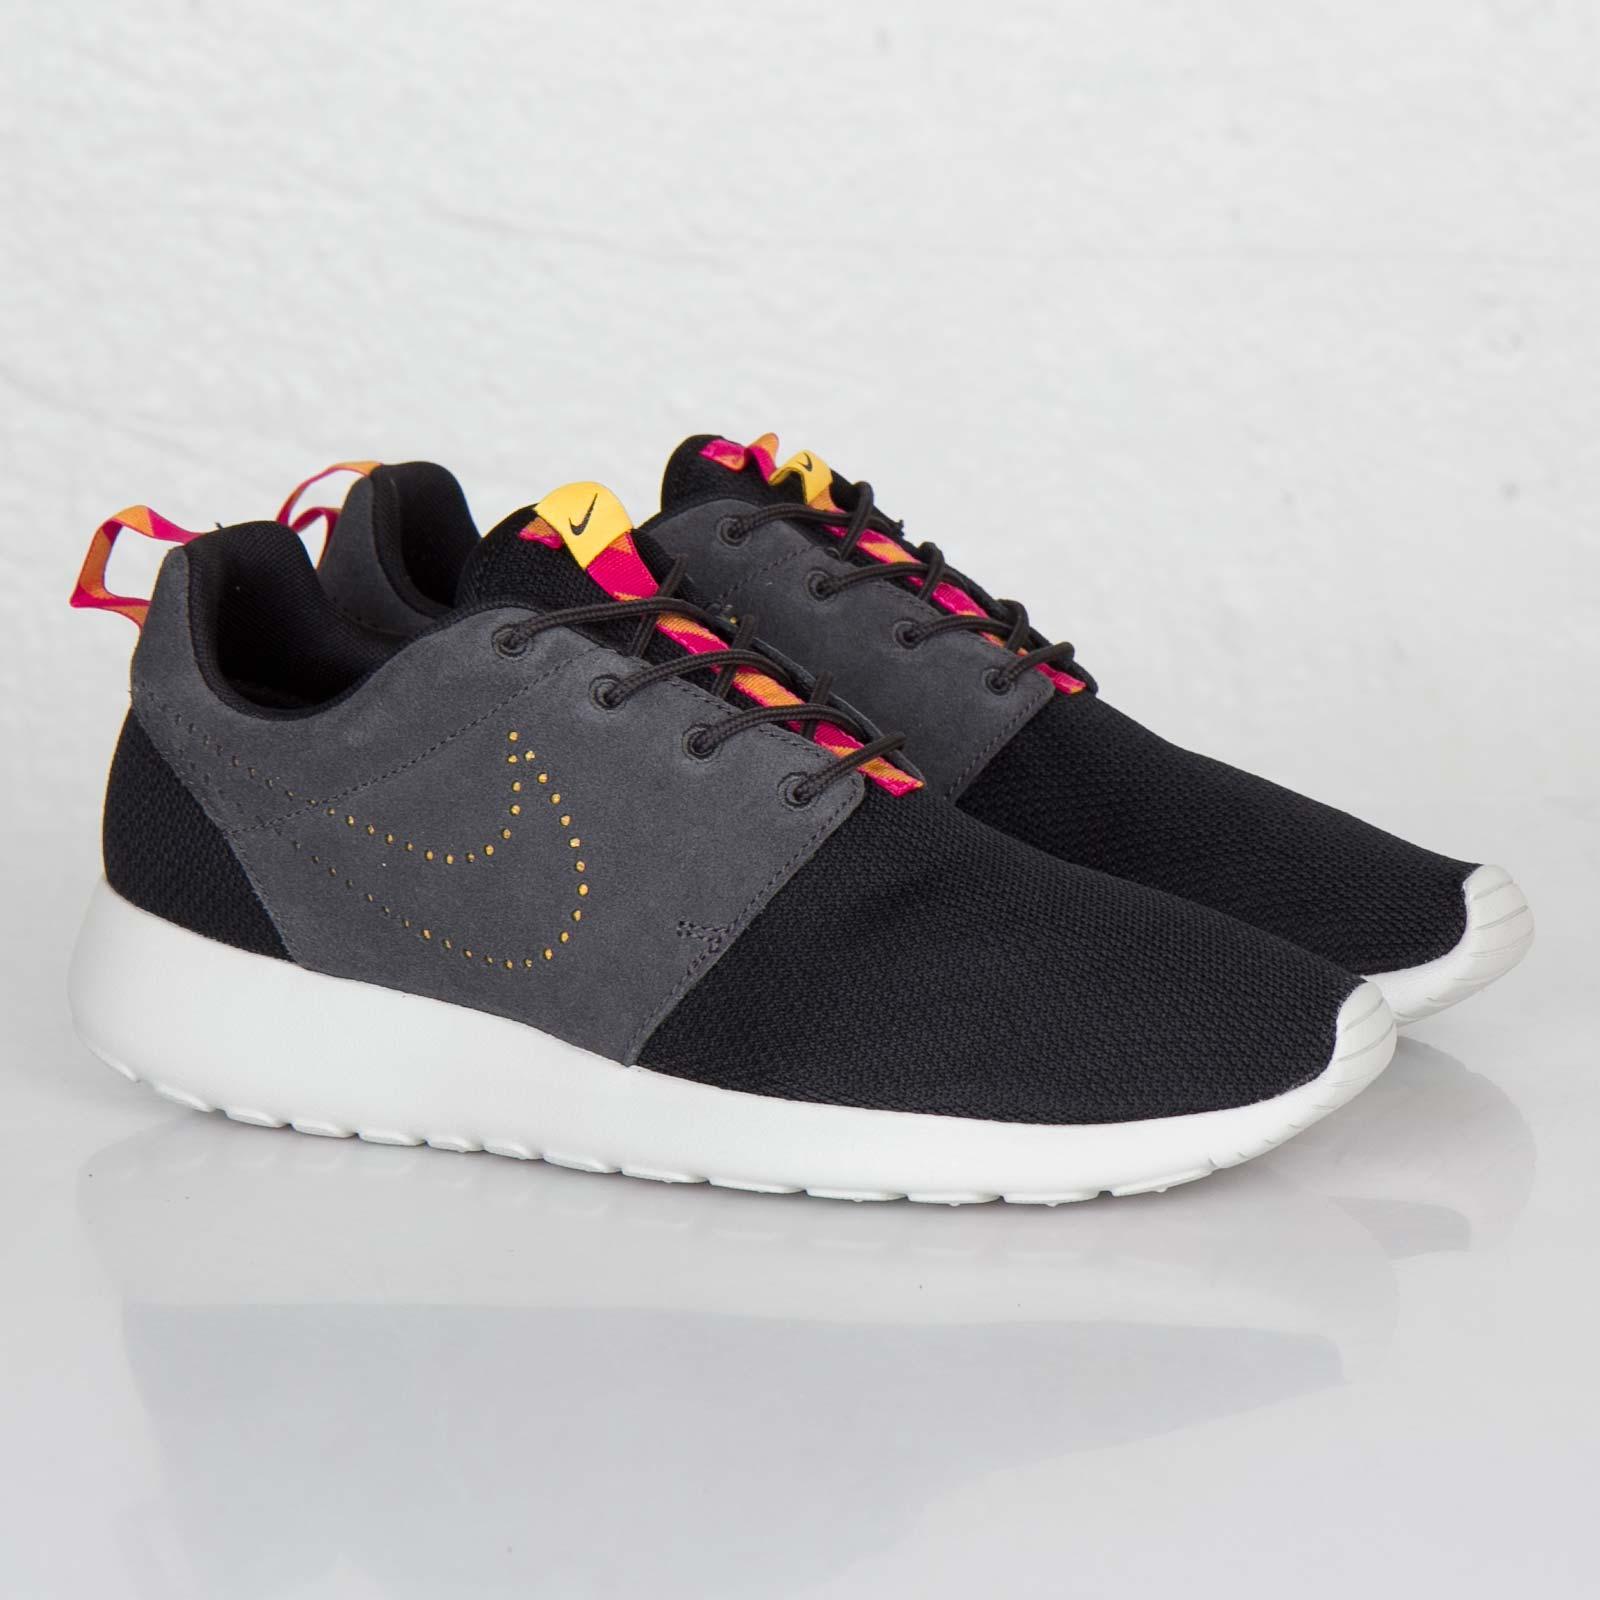 timeless design 1f878 5b81b Nike Roshe Run - 511881-012 - Sneakersnstuff  sneakers  stre